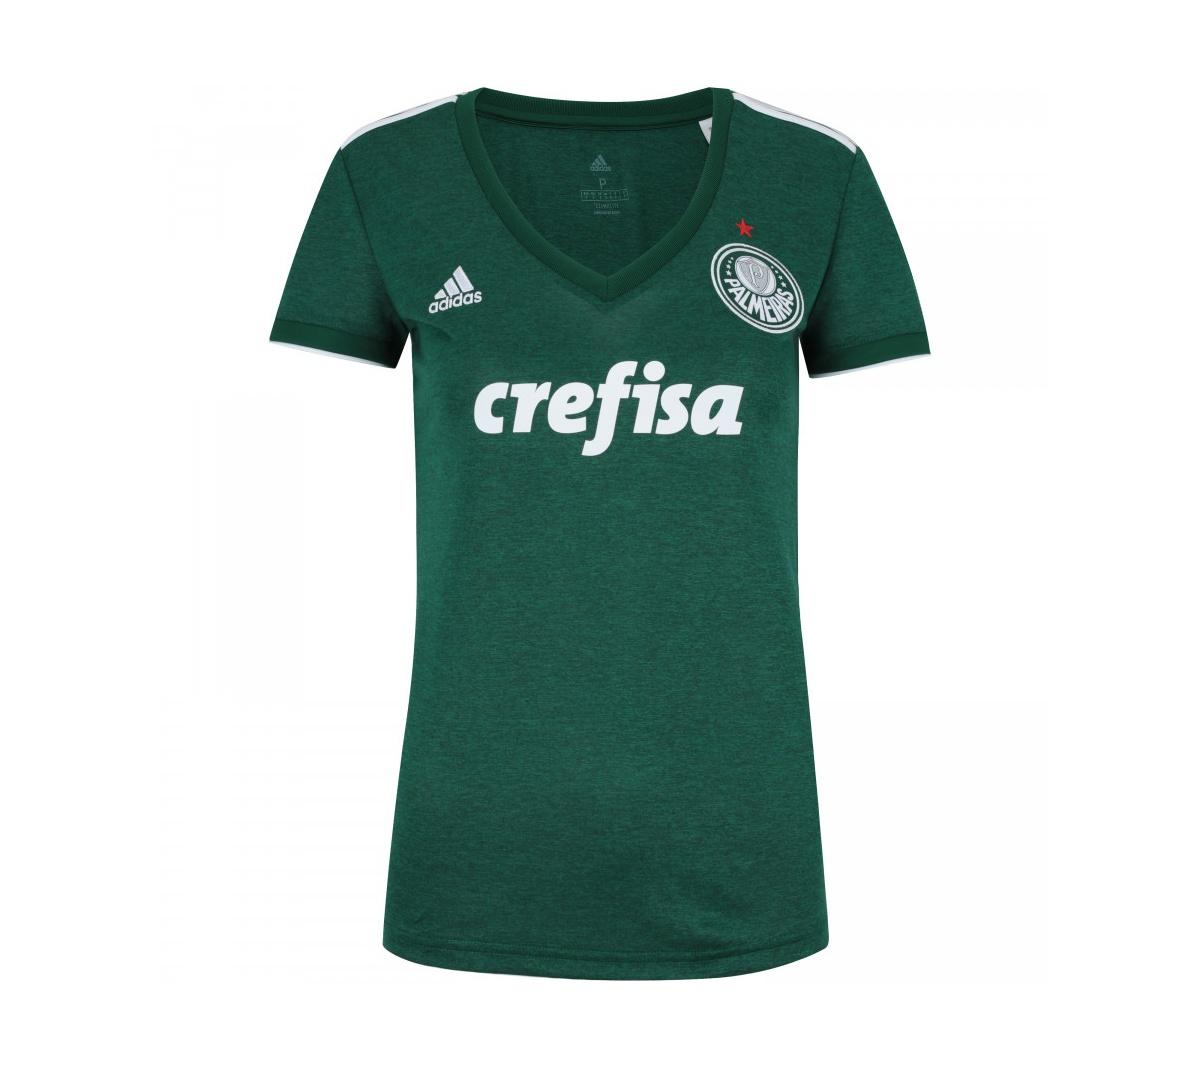 5e1b380762903 Camisa Adidas Palmeiras I 2018 Feminina Camisa Adidas Palmeiras I 2018  Feminina ...